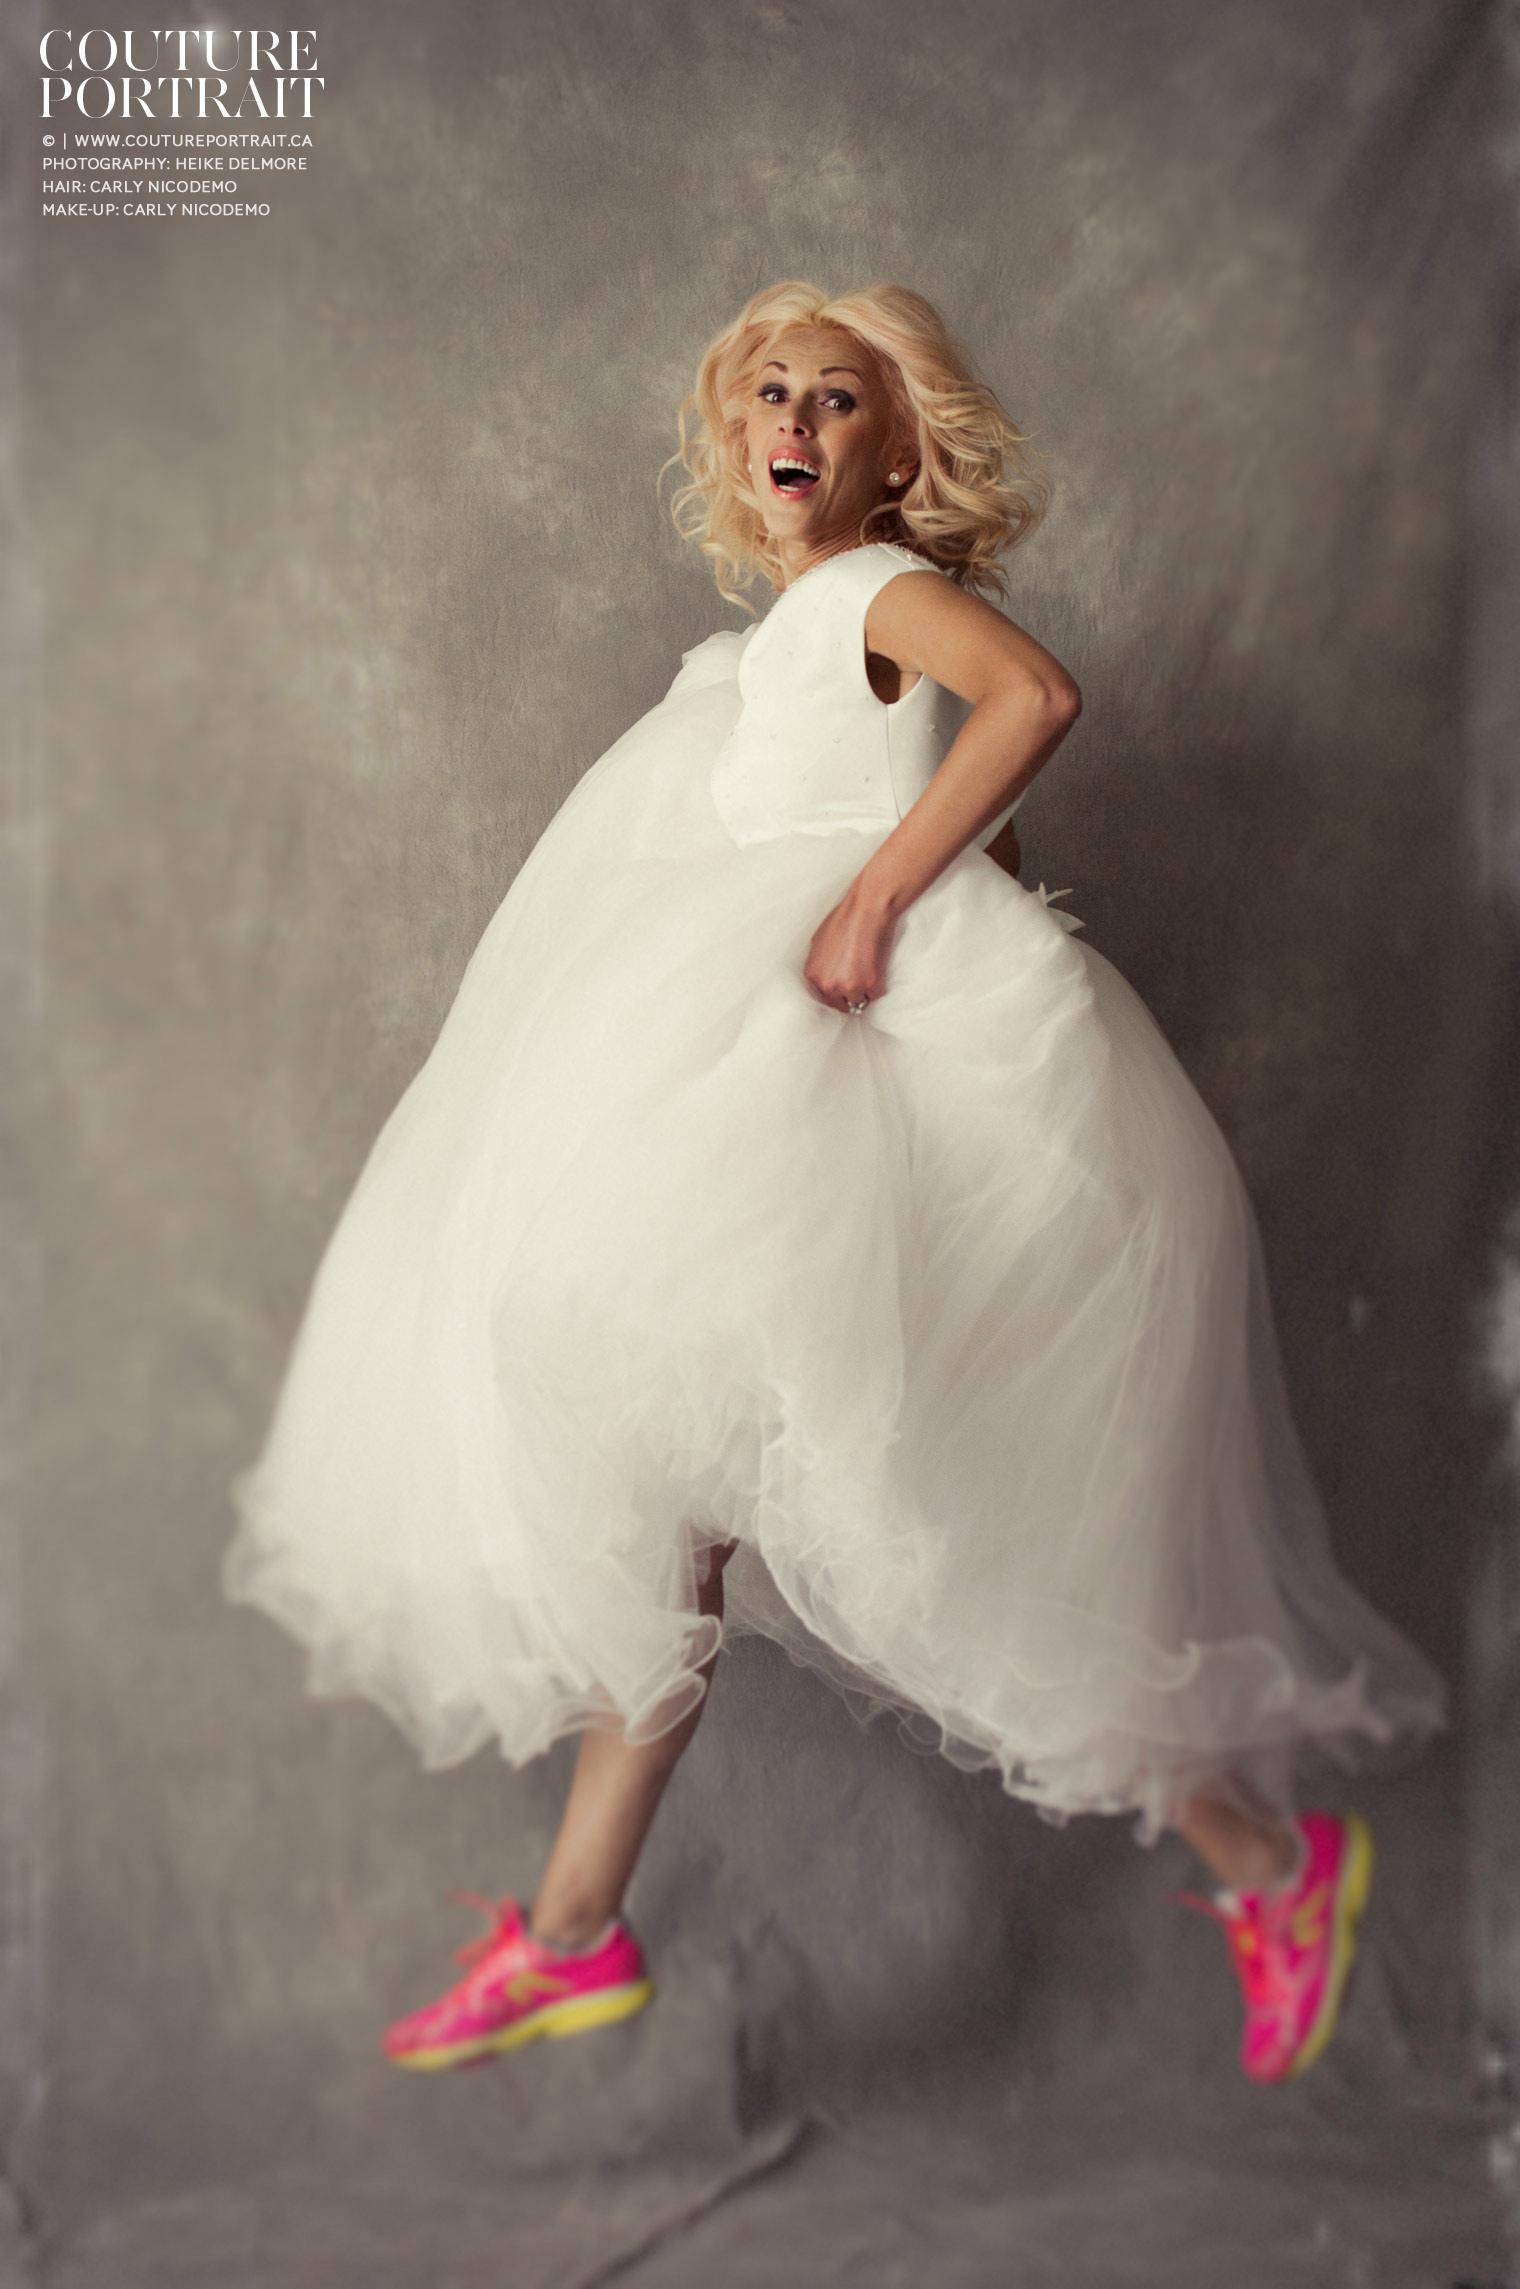 coutureportrait-windsor-delmore-women-portrait-13